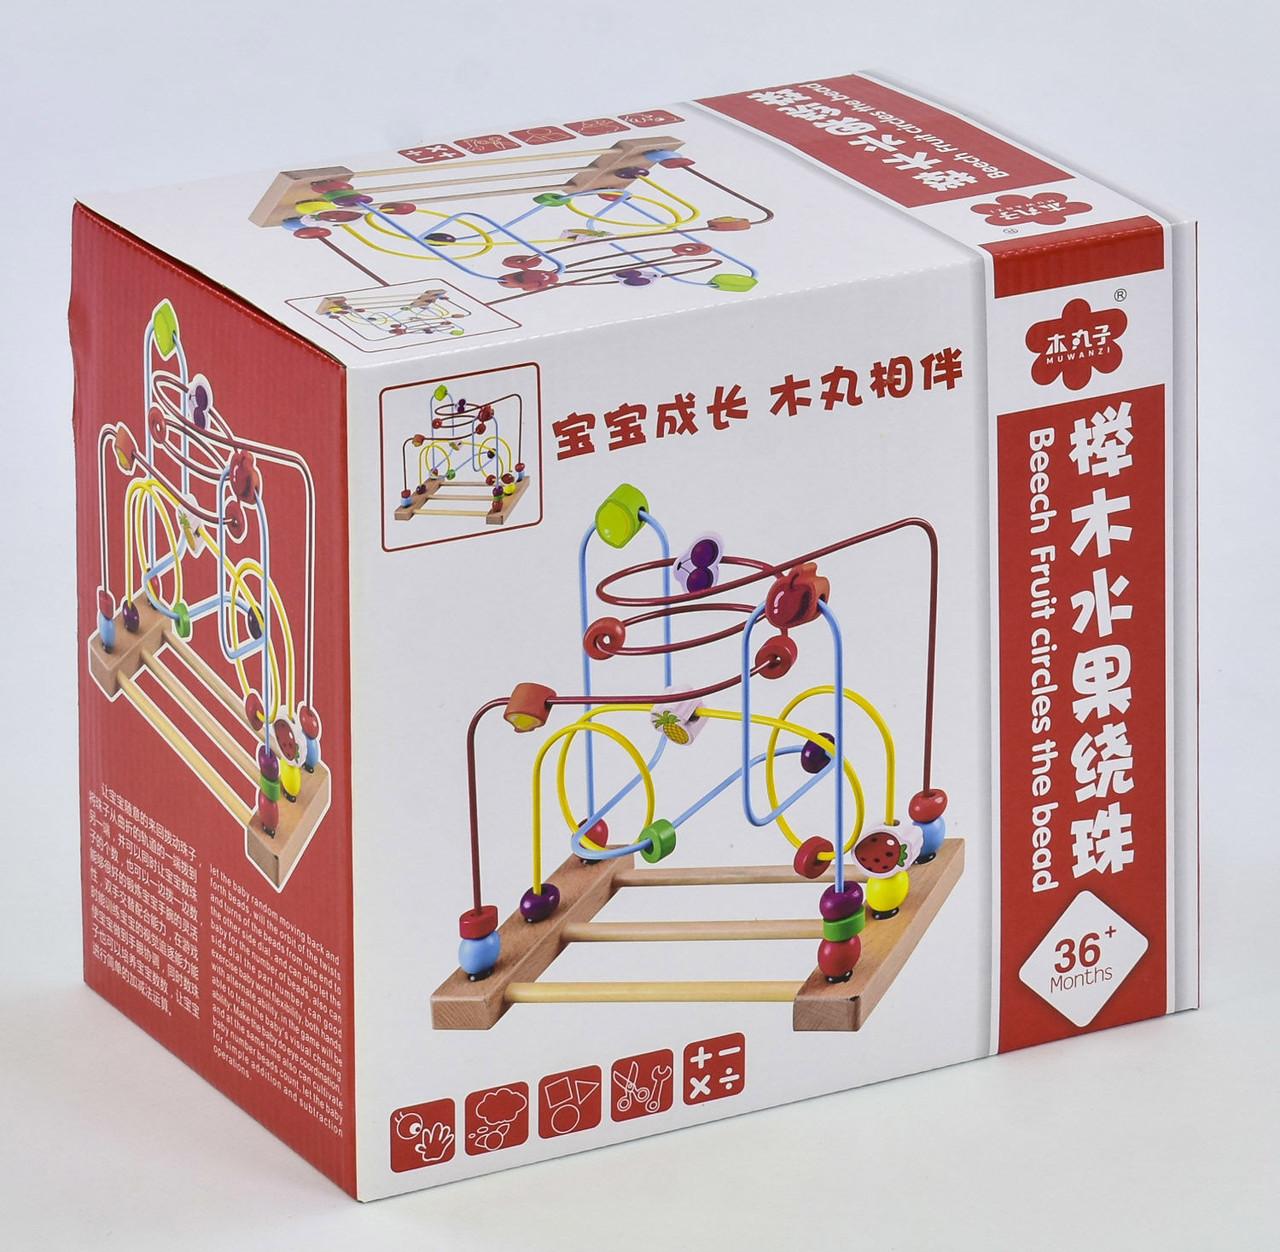 Деревянный Пальчиковый лабиринт С 31355 (24) в коробке